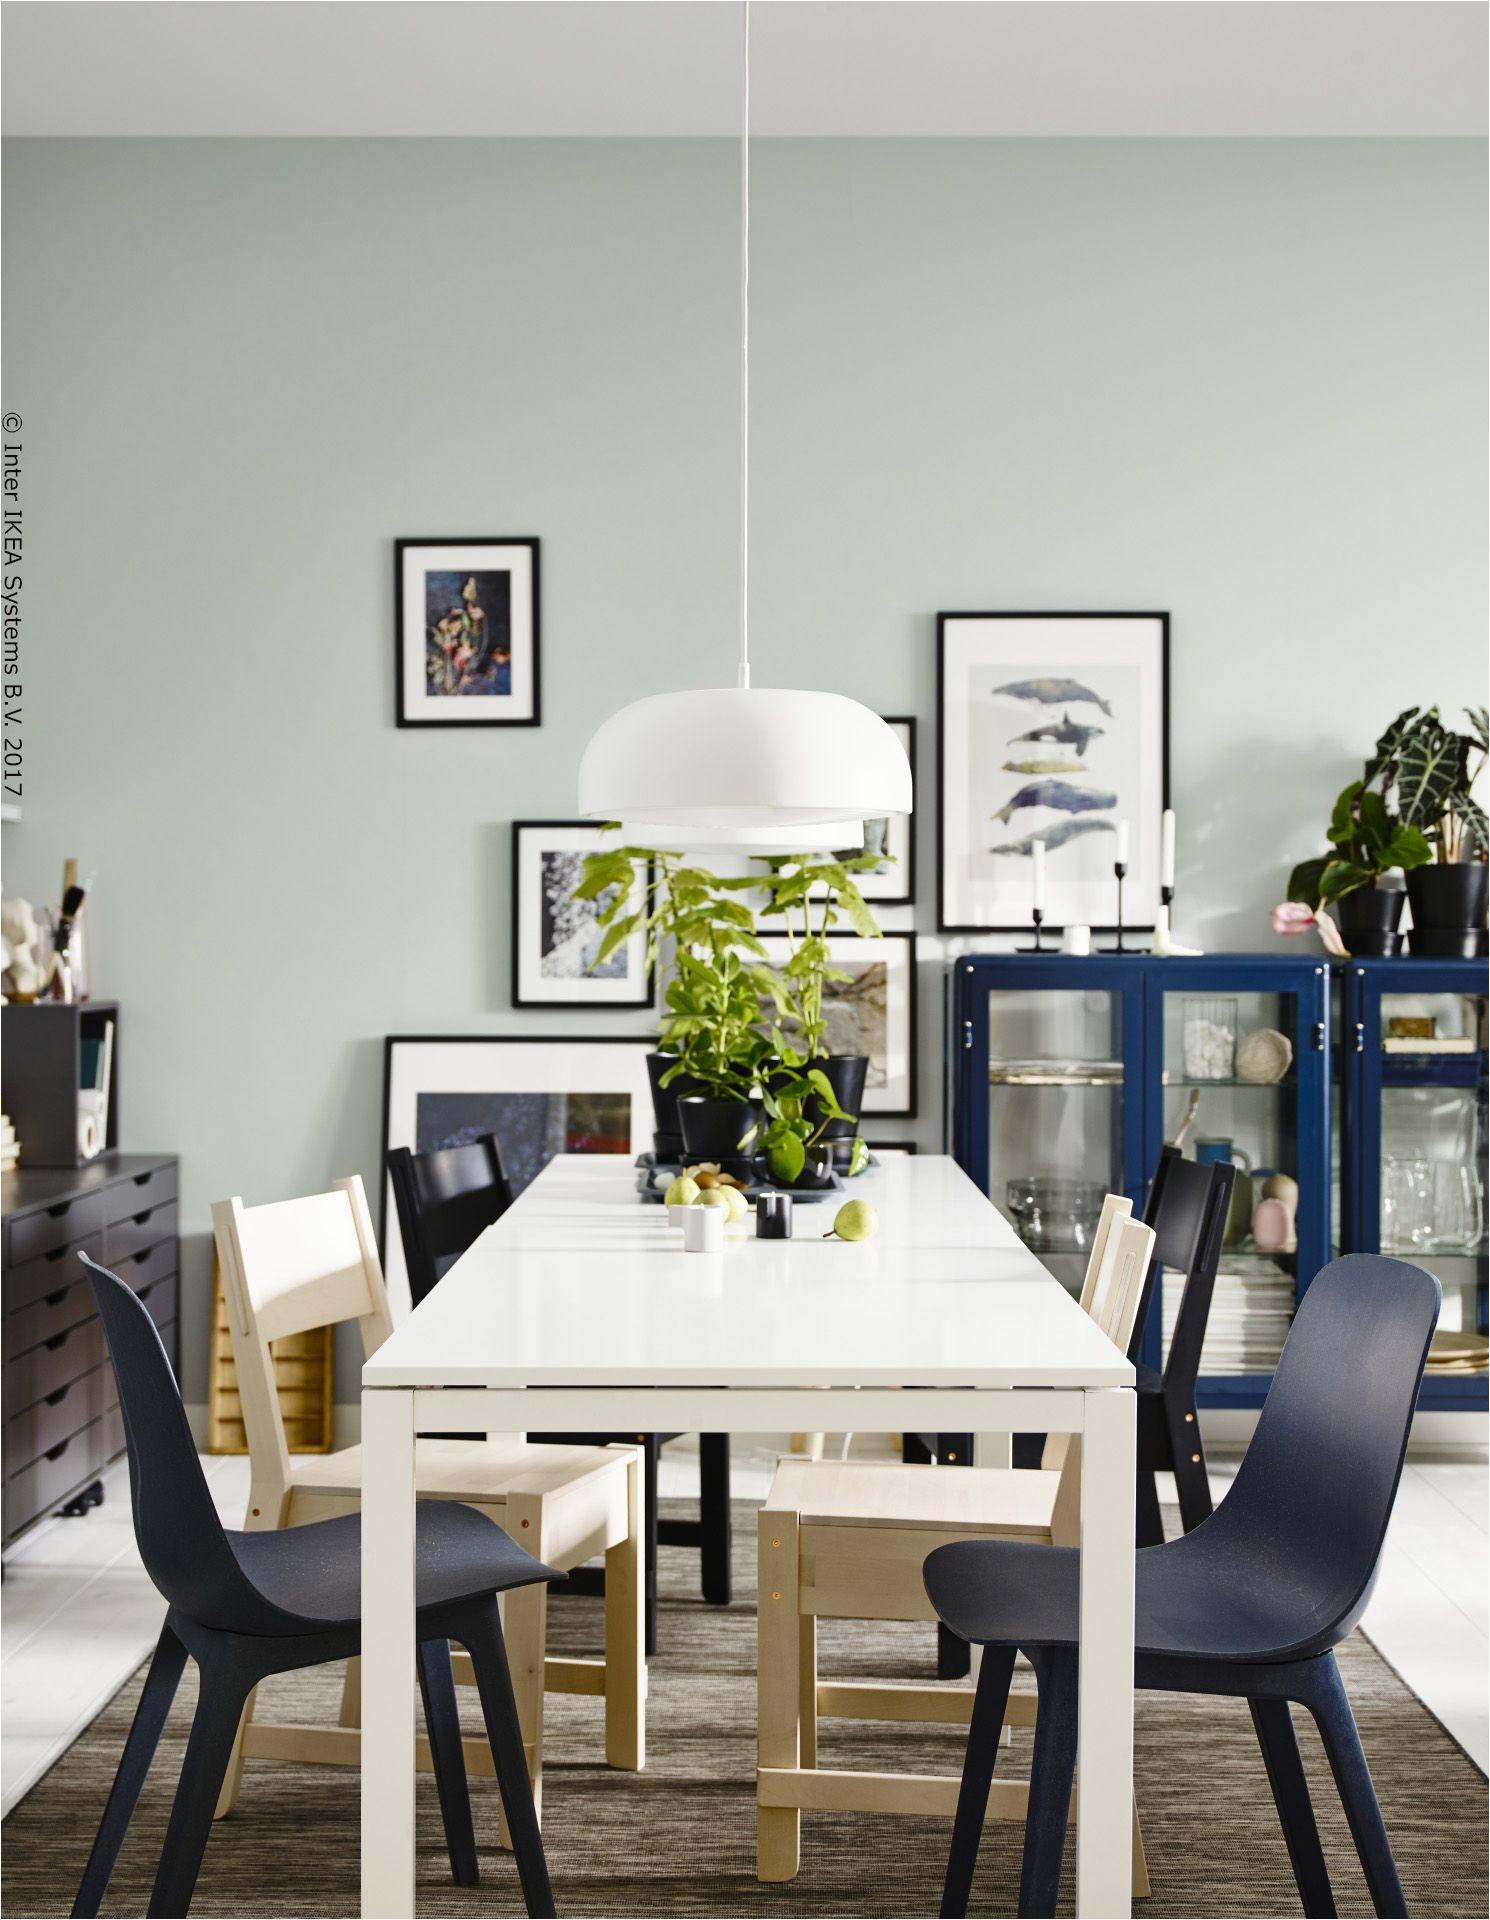 Dva MELLTORP stola tvore više od običnog stola za jelo Postaju mjesto za rad